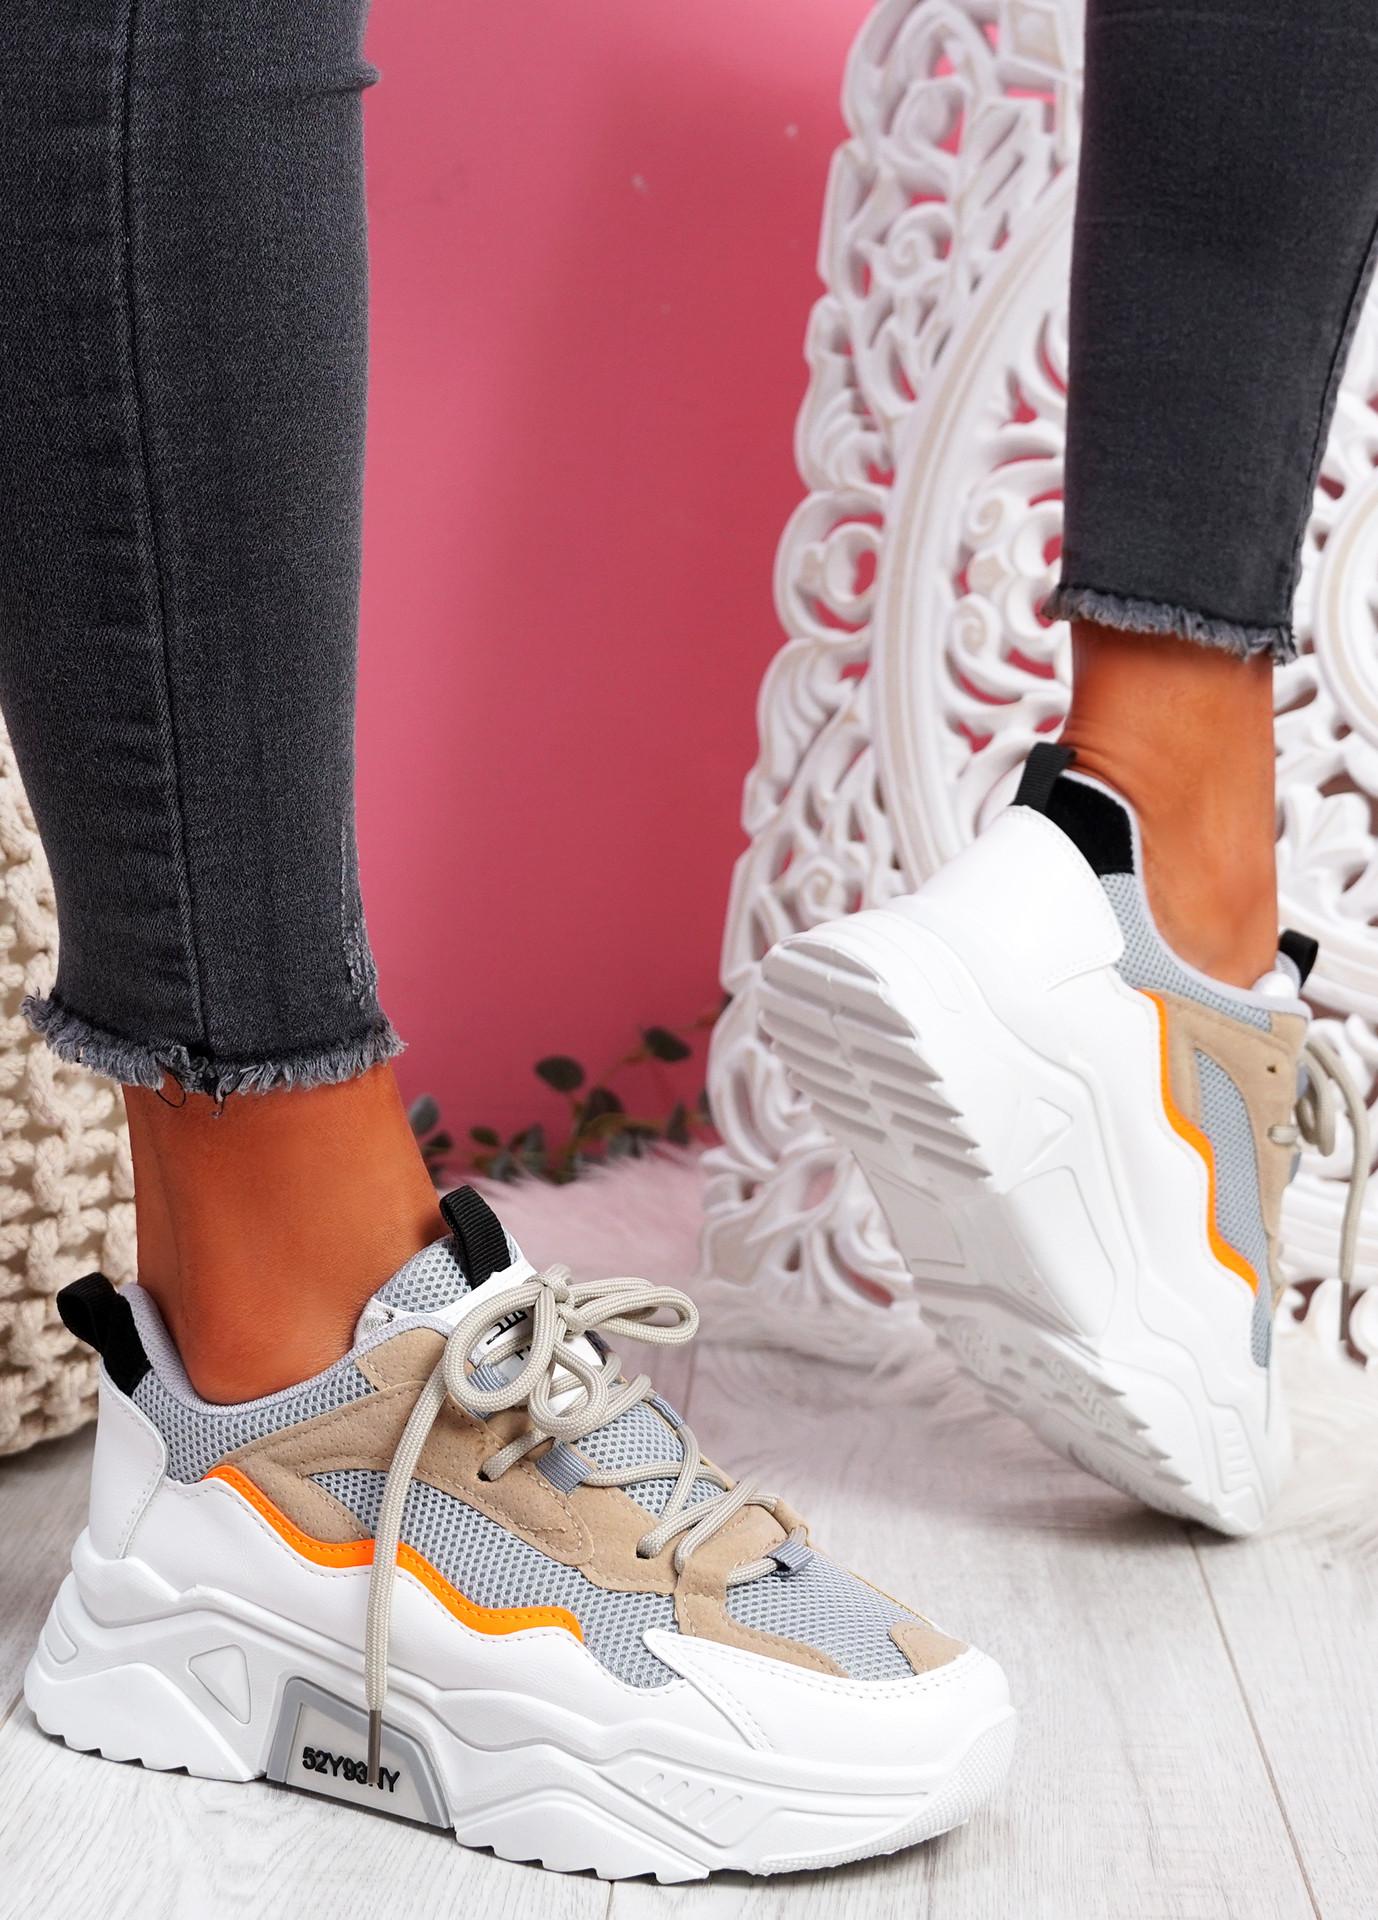 Kopy Grey Chunky Sneakers